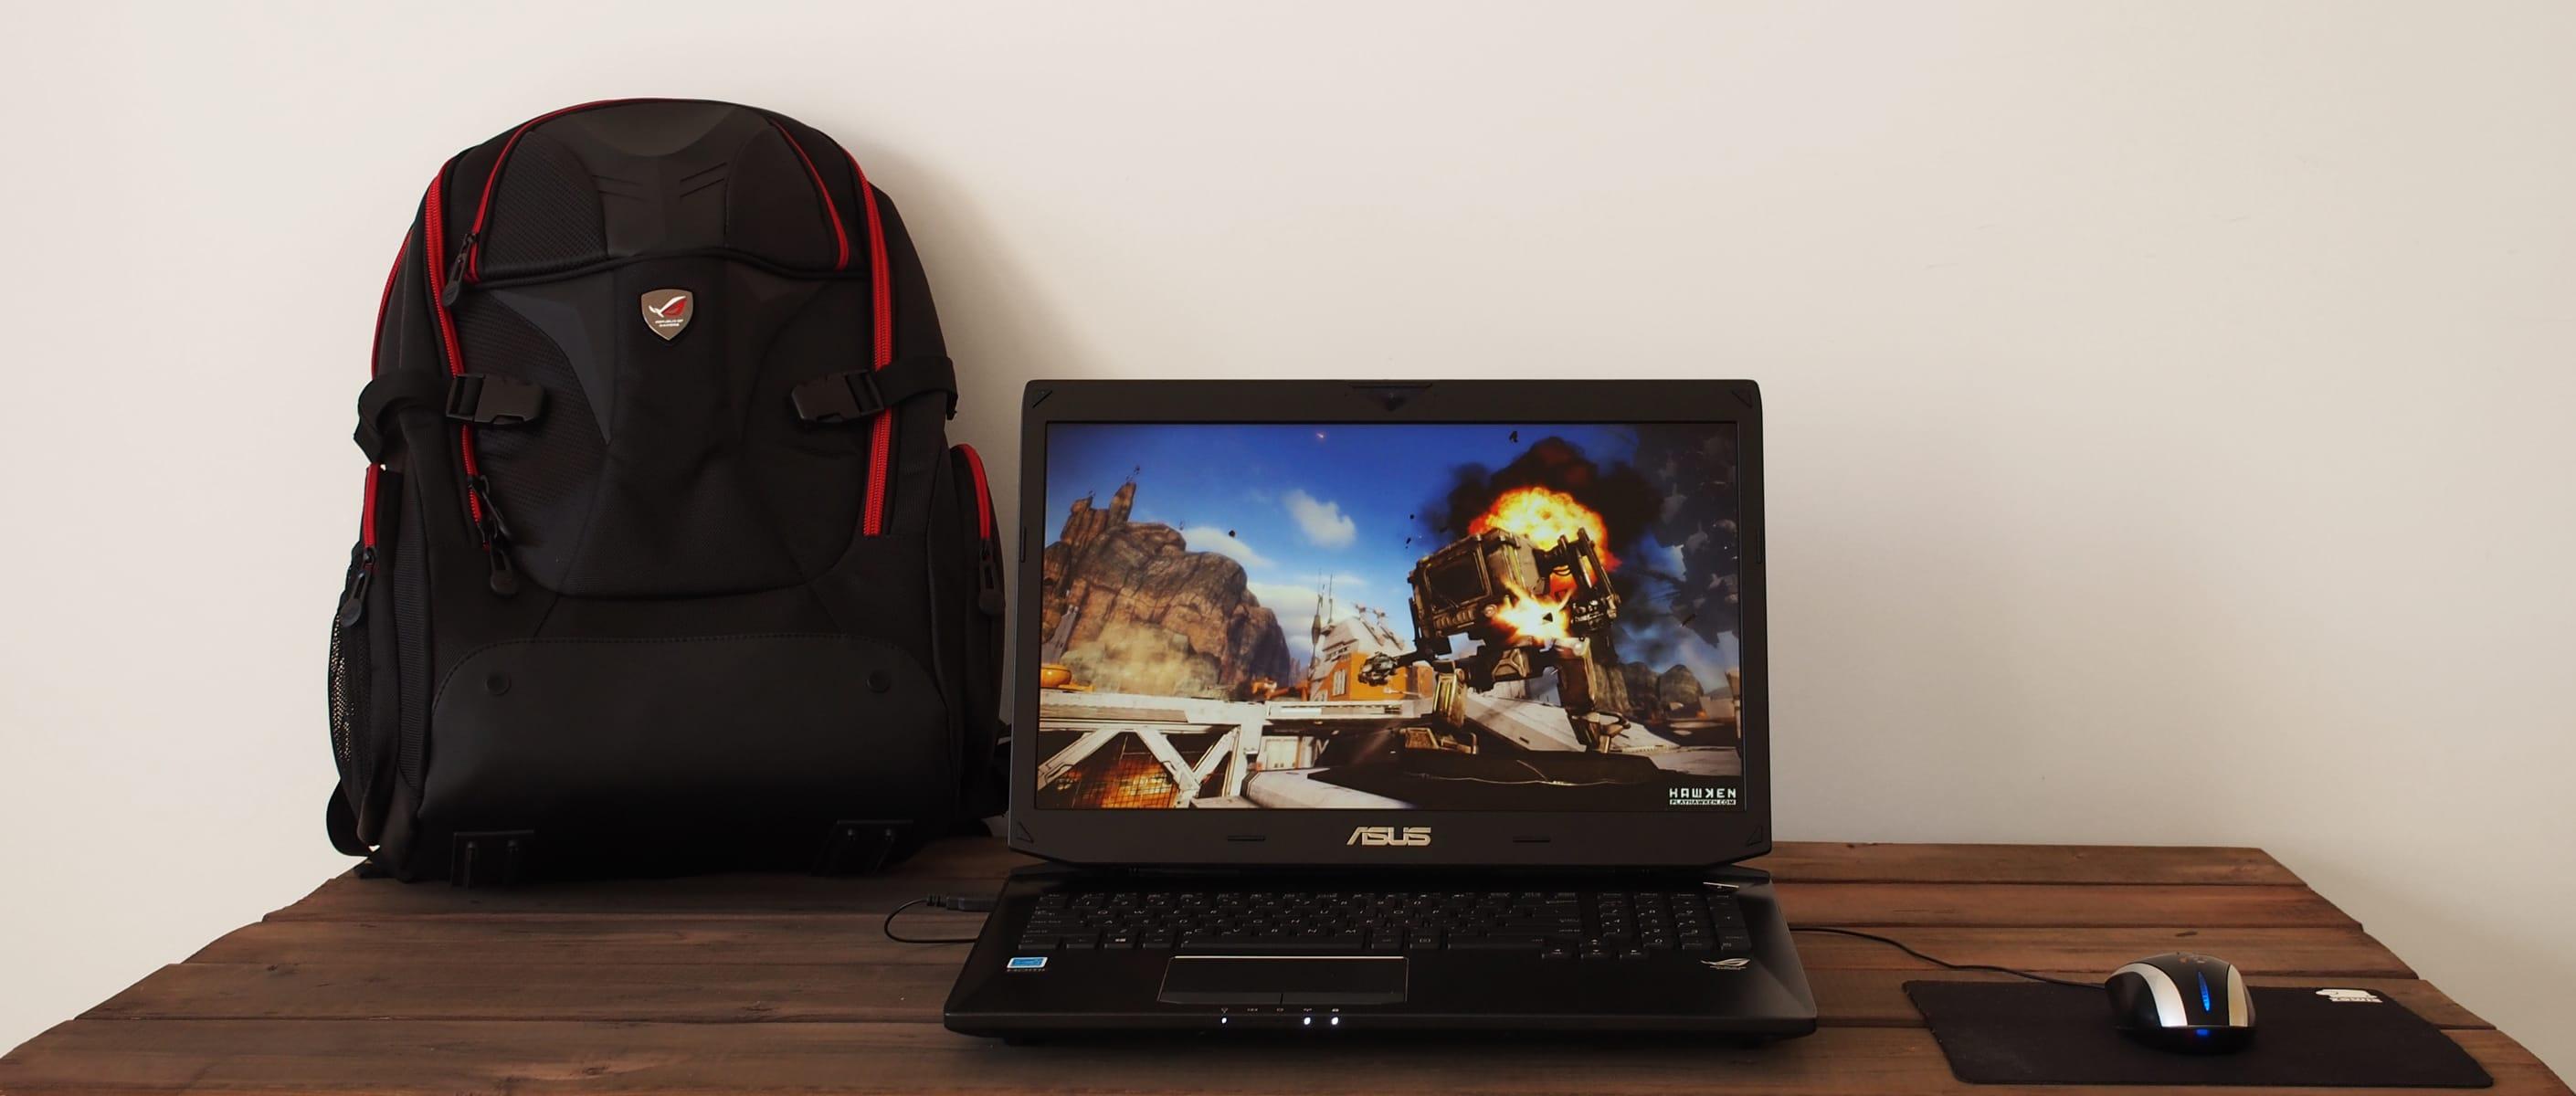 The Asus ROG G750JZ-XS72 Gaming Laptop